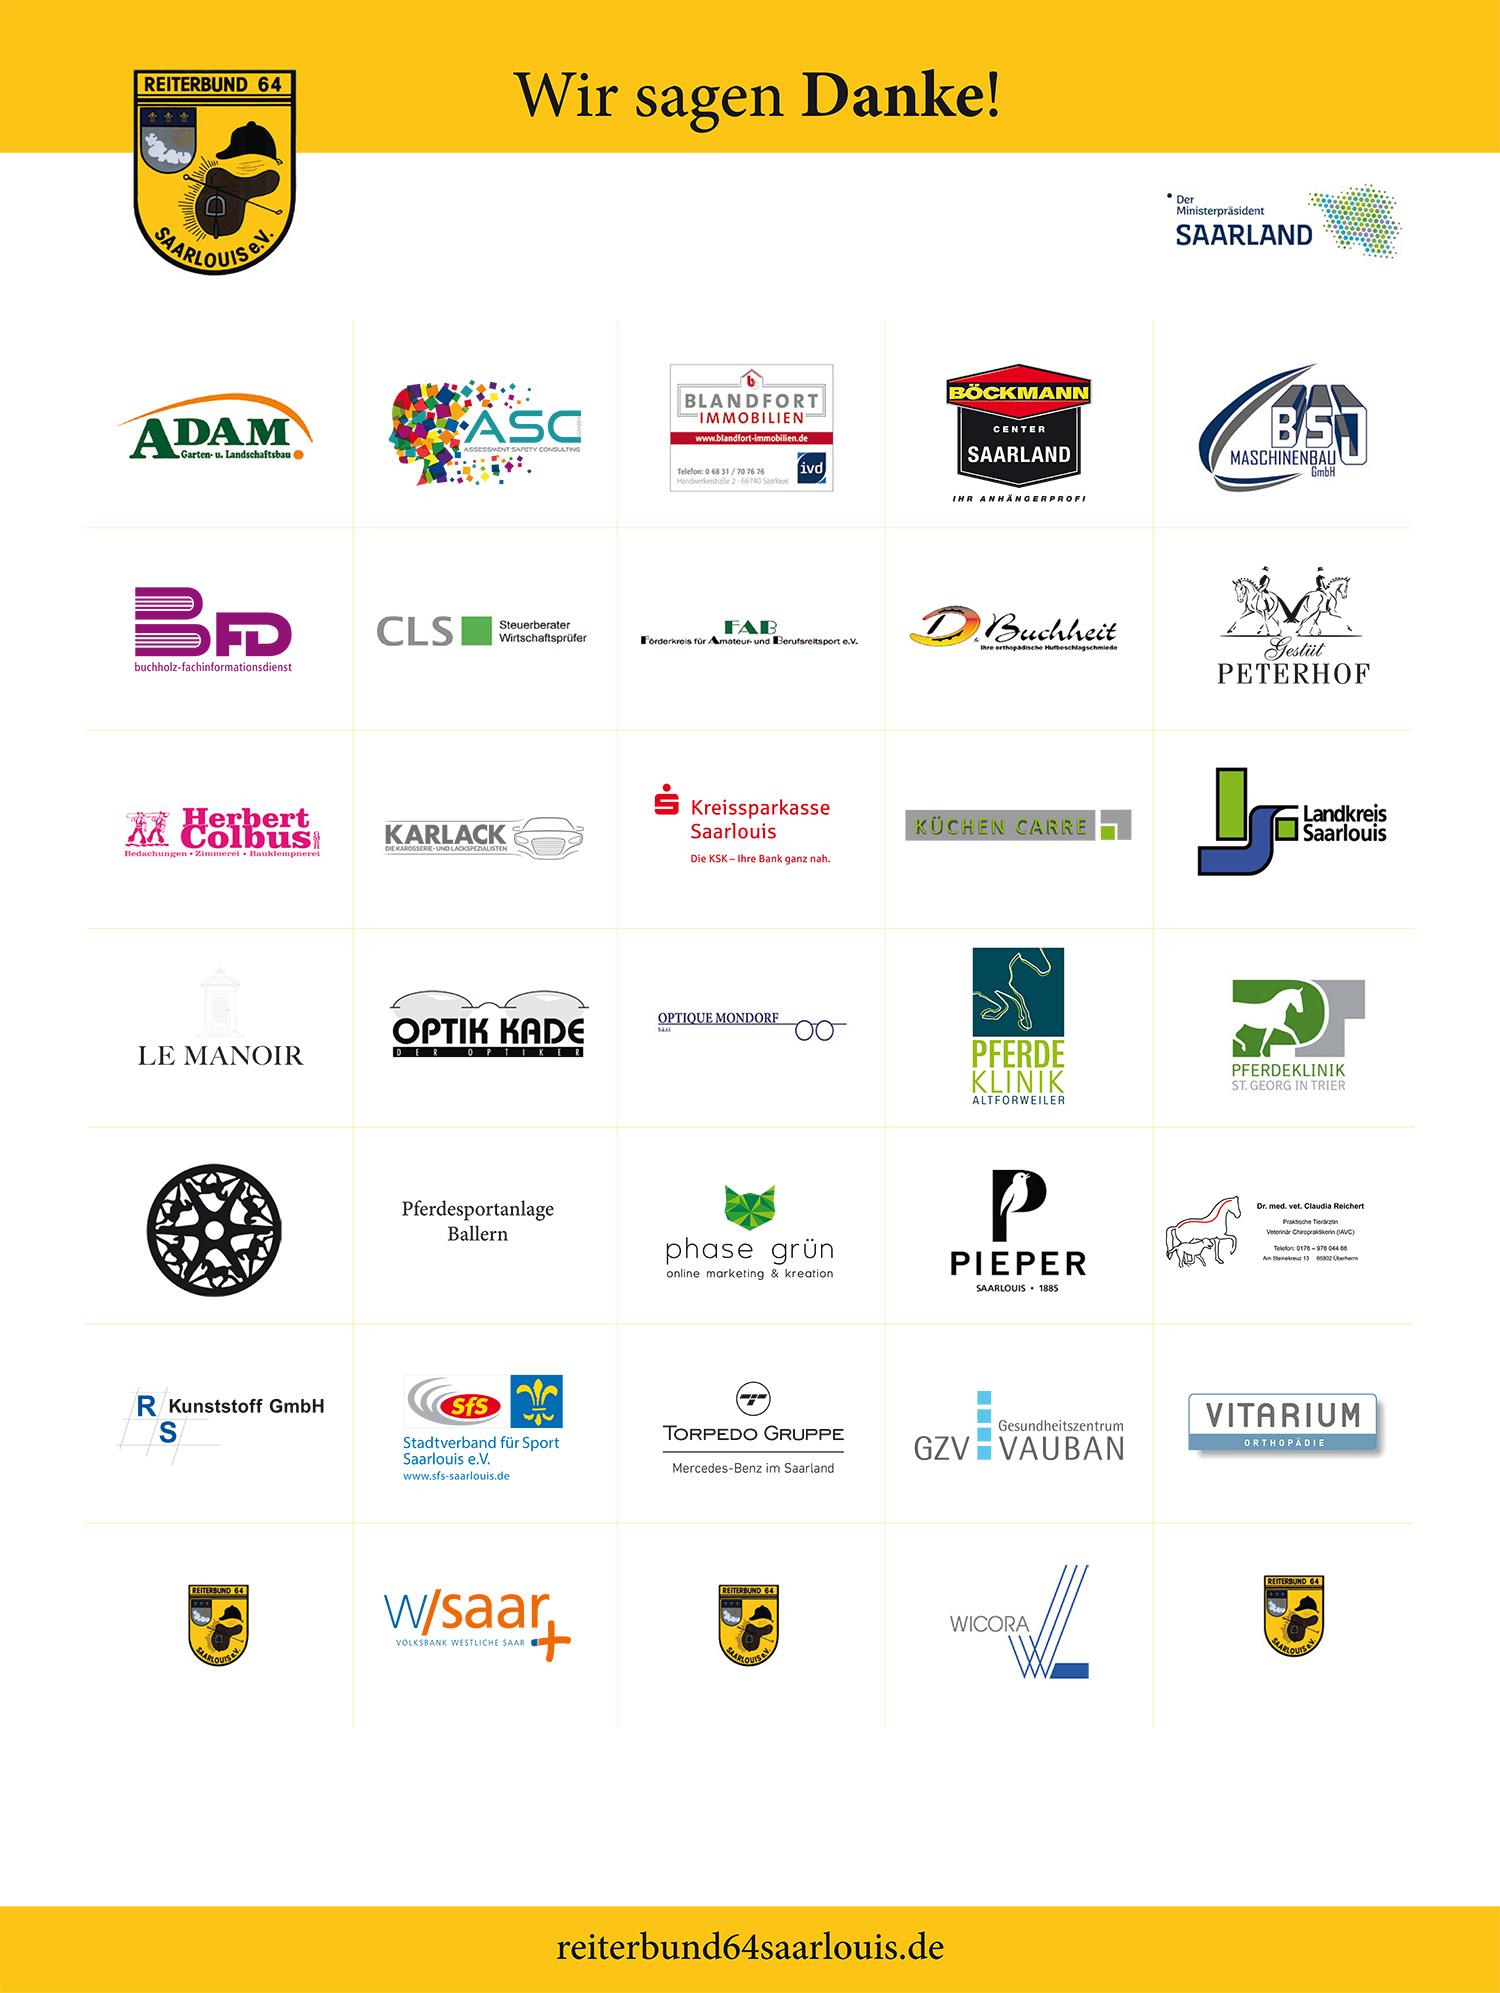 Reiterbund 64 Saarlouis e.V. - Sponsoren 2018